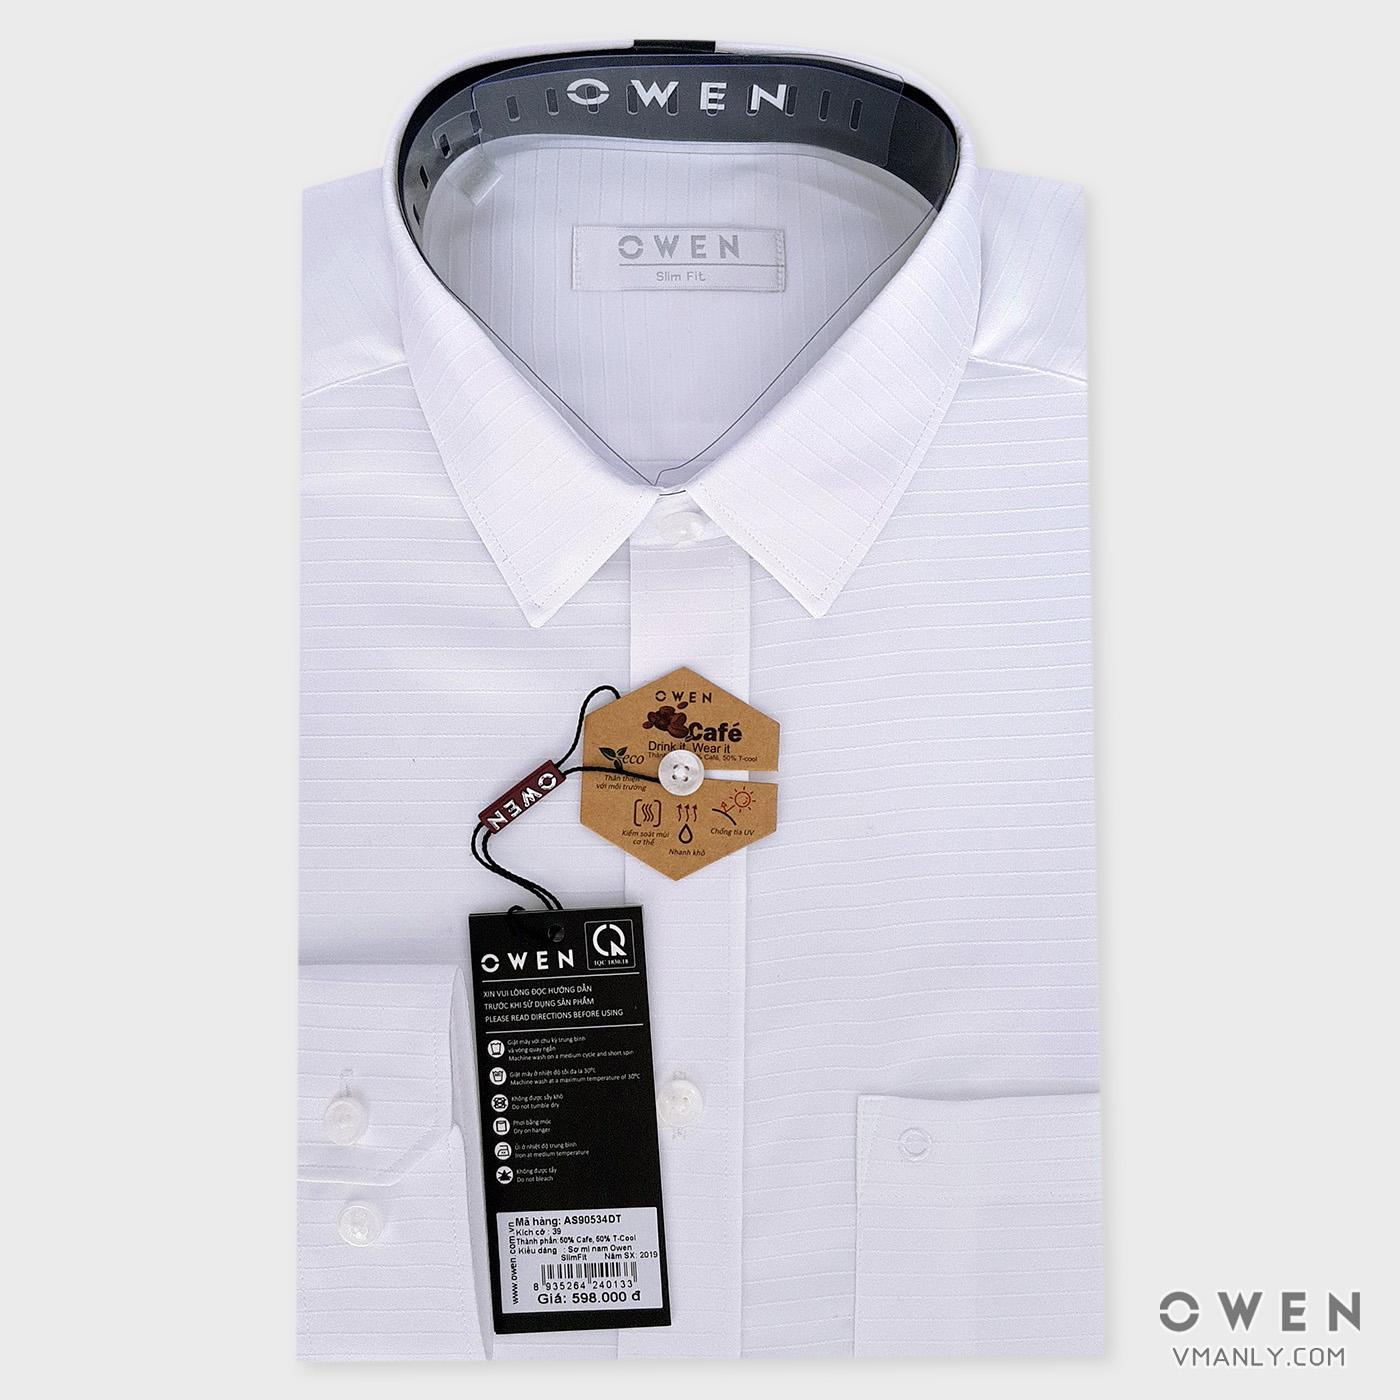 Áo sơ mi nam dài tay Owen màu trắng sọc ngang AS90534DT